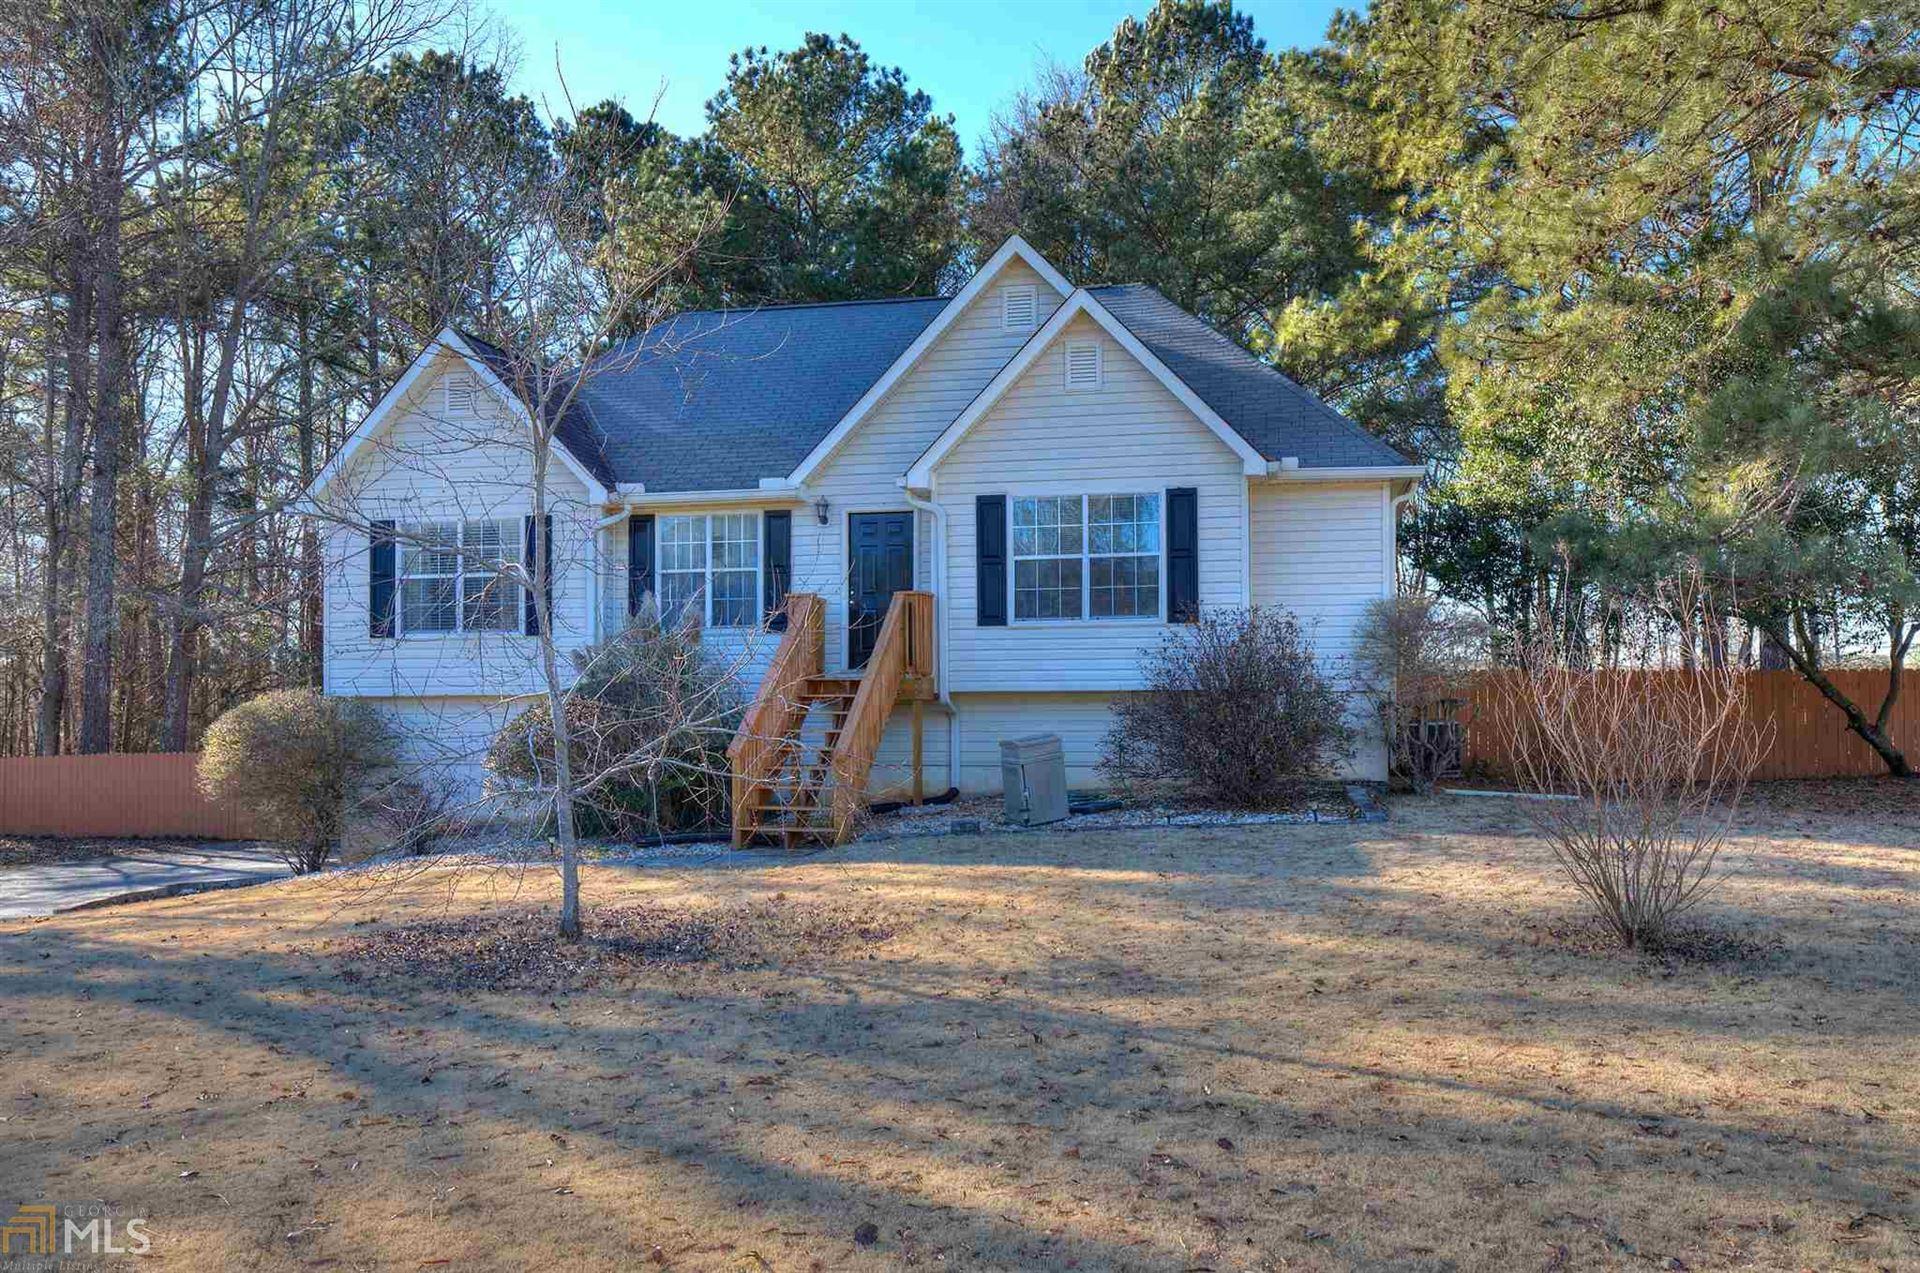 18 BROOK HOLLOW Ln, Cartersville, GA 30121 - MLS#: 8915282